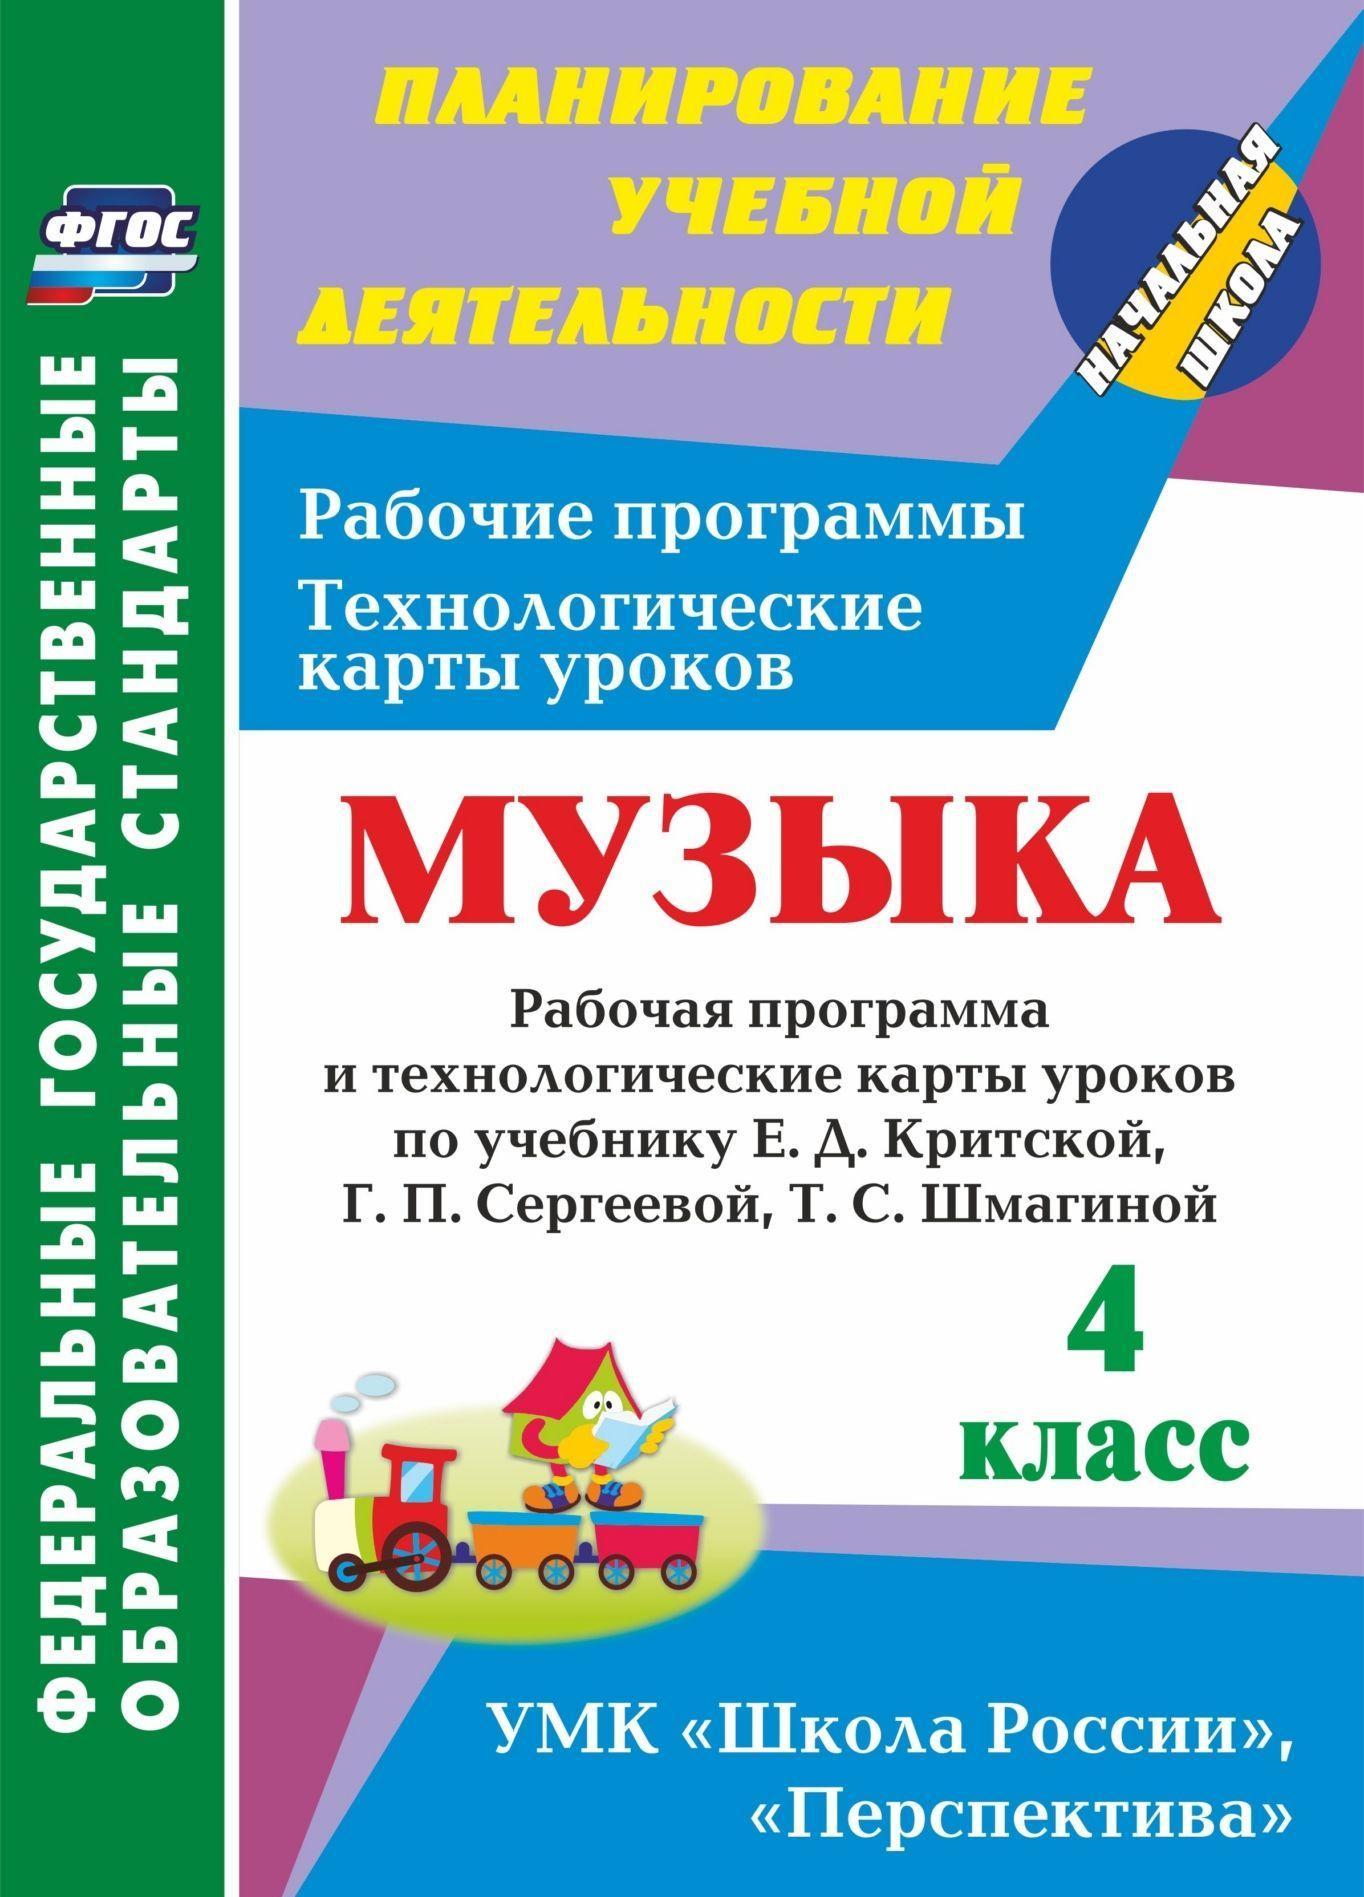 Muzyka. 4 klass: rabochaja programma i tekhnologicheskie karty urokov po uchebniku E. D. Kritskoj, G. P. Sergeevoj, T. S. Shmaginoj. UMK